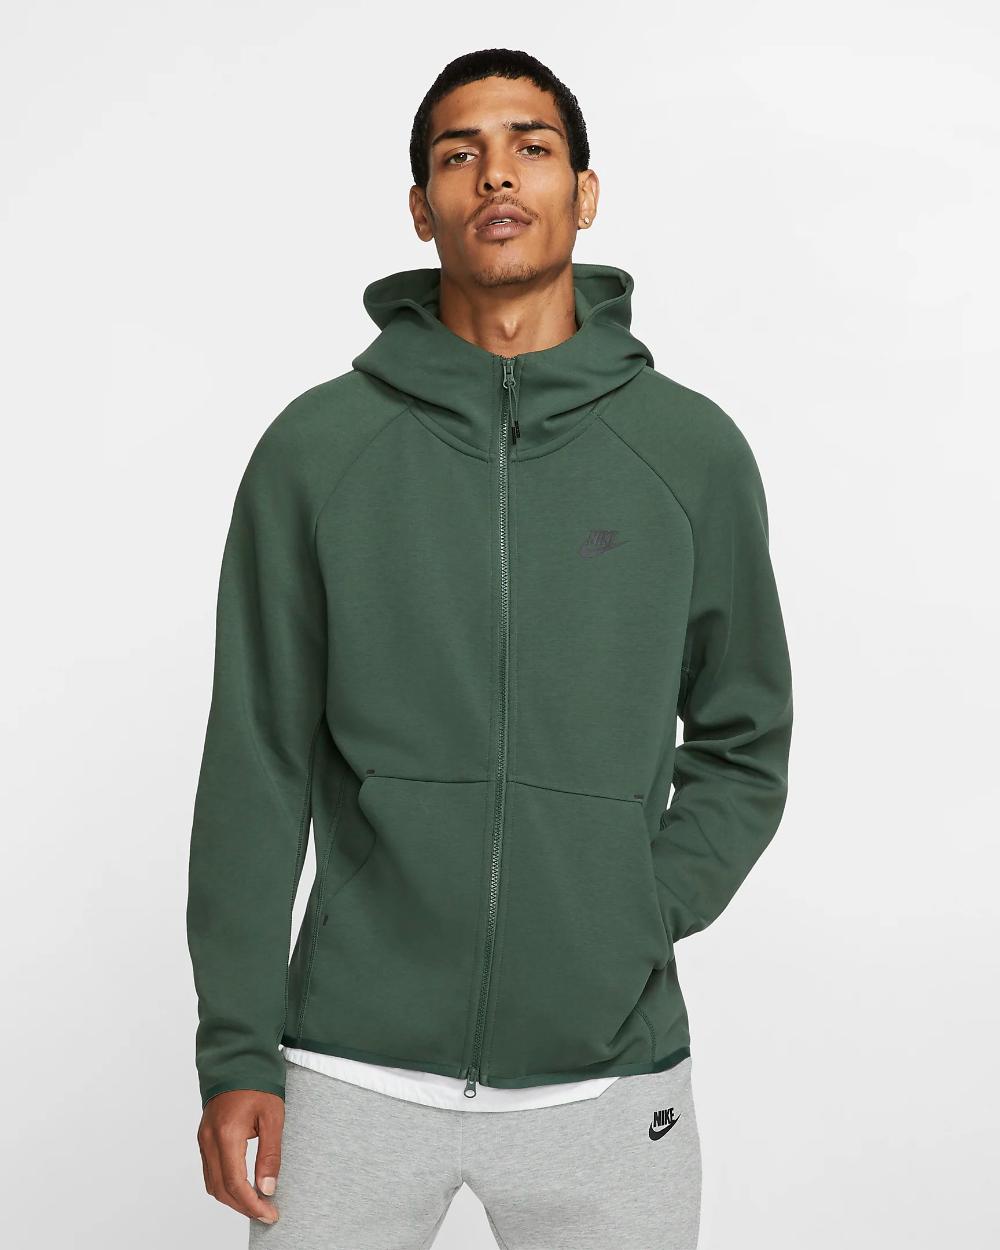 Nike Sportswear Tech Fleece Men S Full Zip Hoodie Nike Com Tech Fleece Tech Fleece Hoodie Hoodies [ 1250 x 1000 Pixel ]